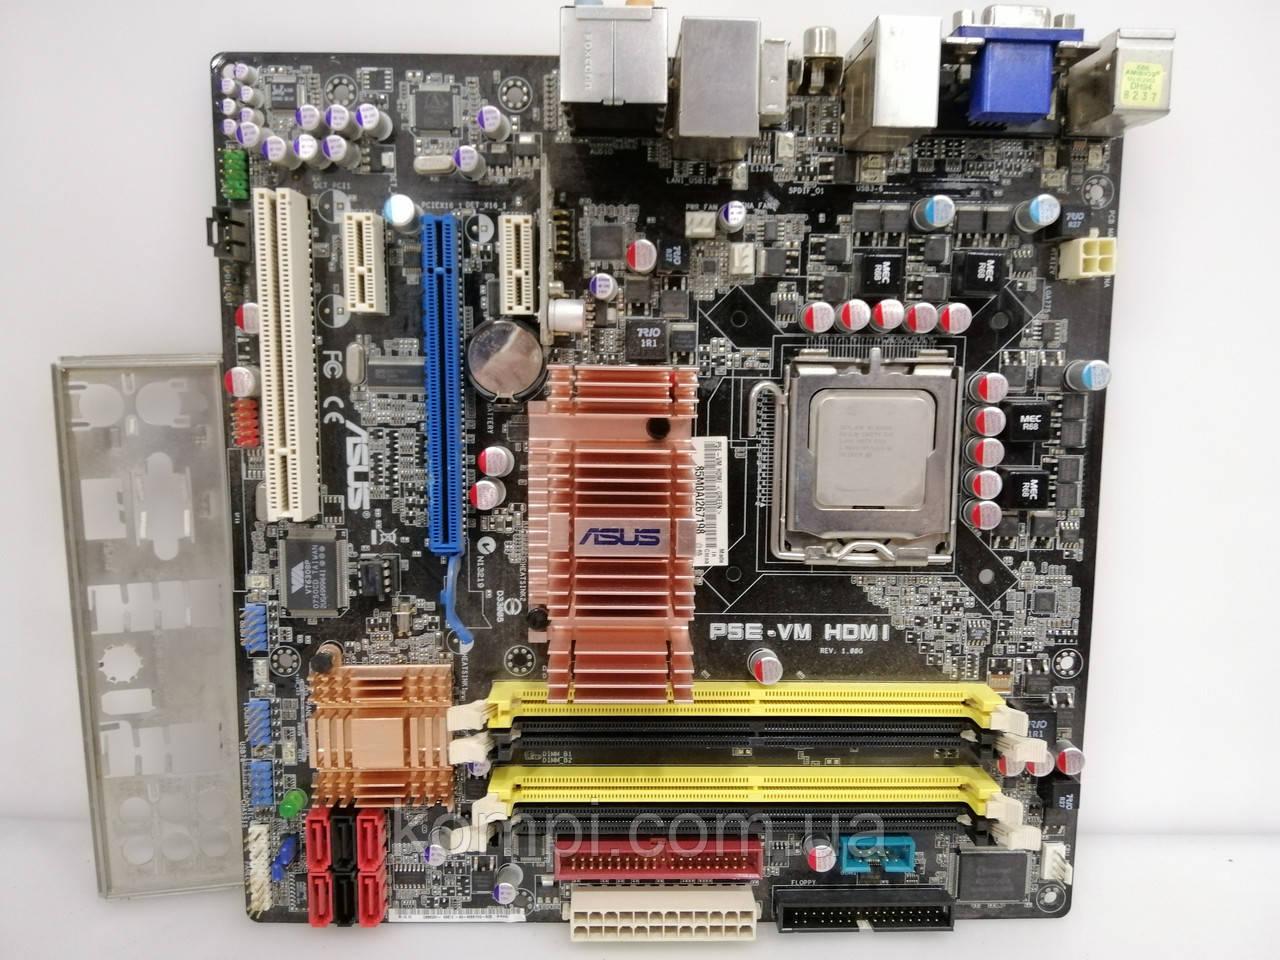 Материнская плата ASUS P5E-VM HDMI +e6850  s775 G35 DDR2